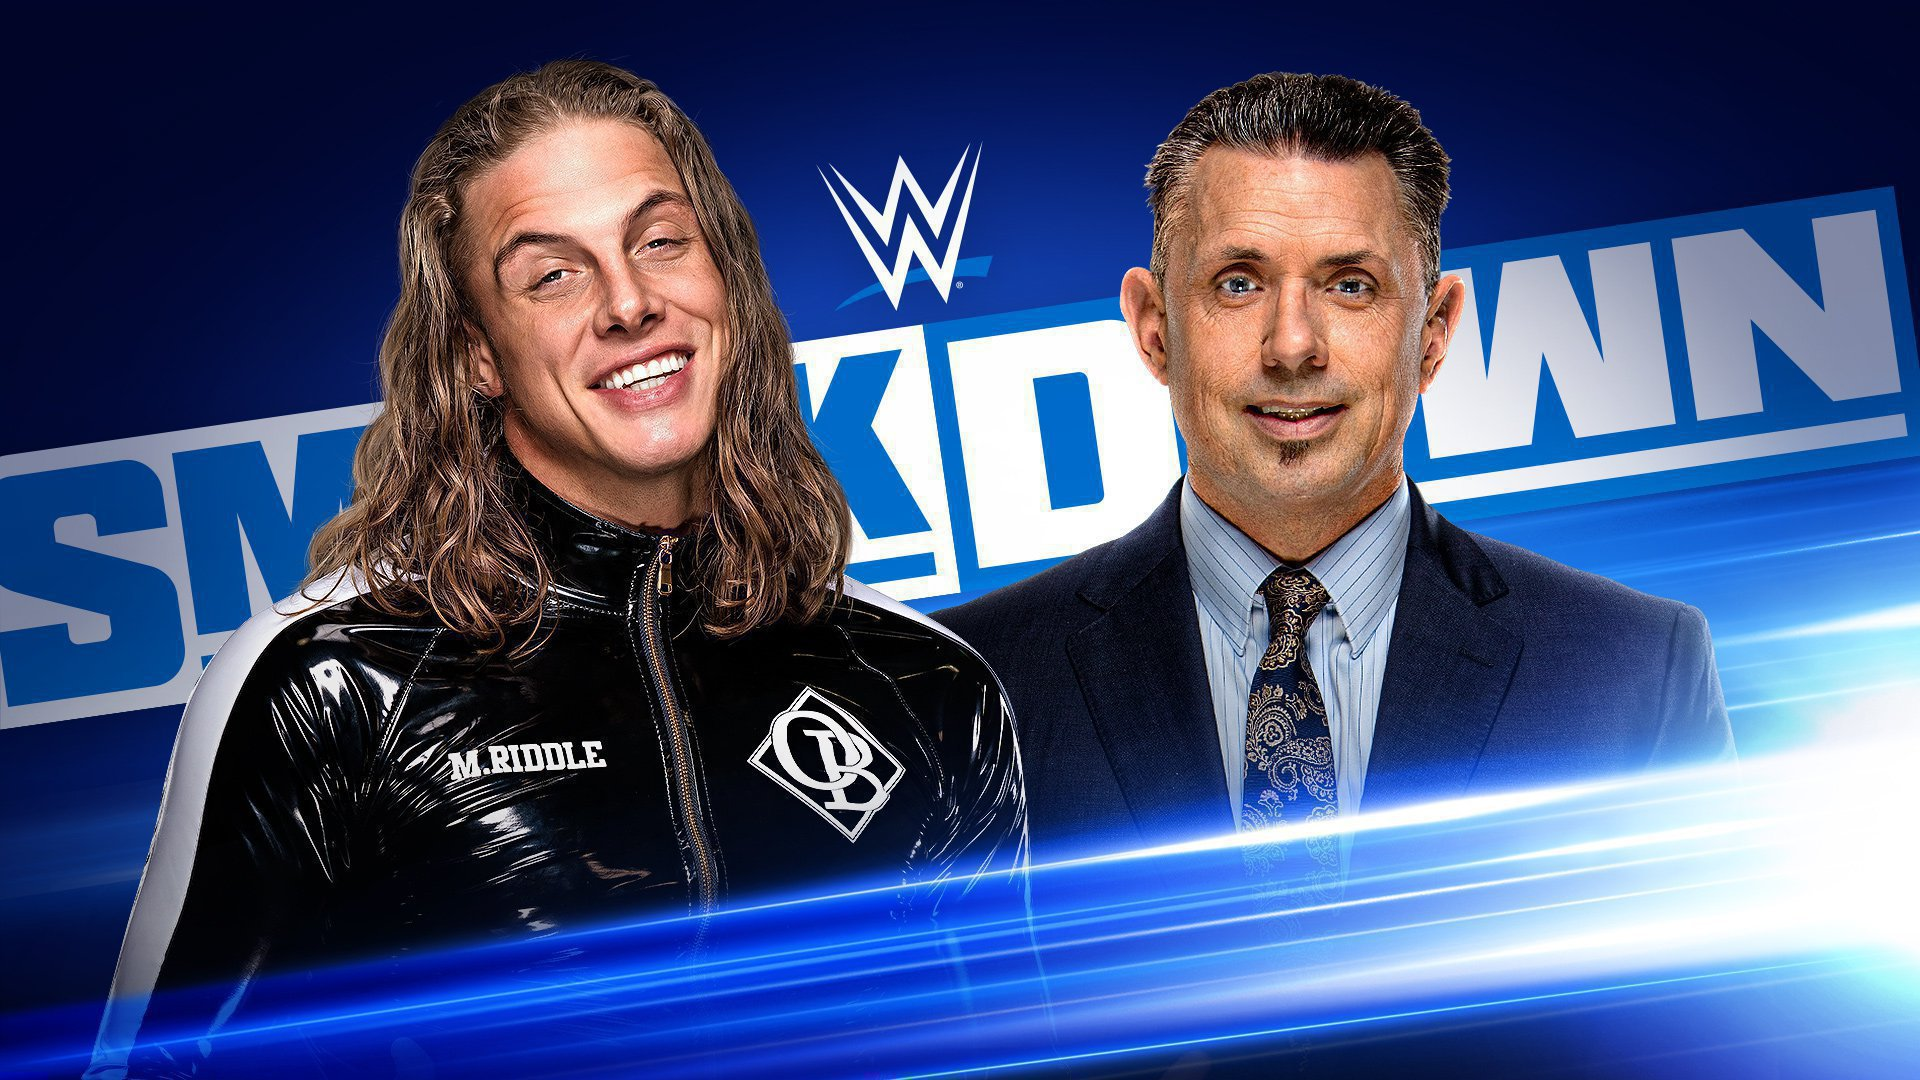 WWE Smackdown Preview (03/07/20): AJ Styles-Drew Gulak; Sheamus-Hardy 2